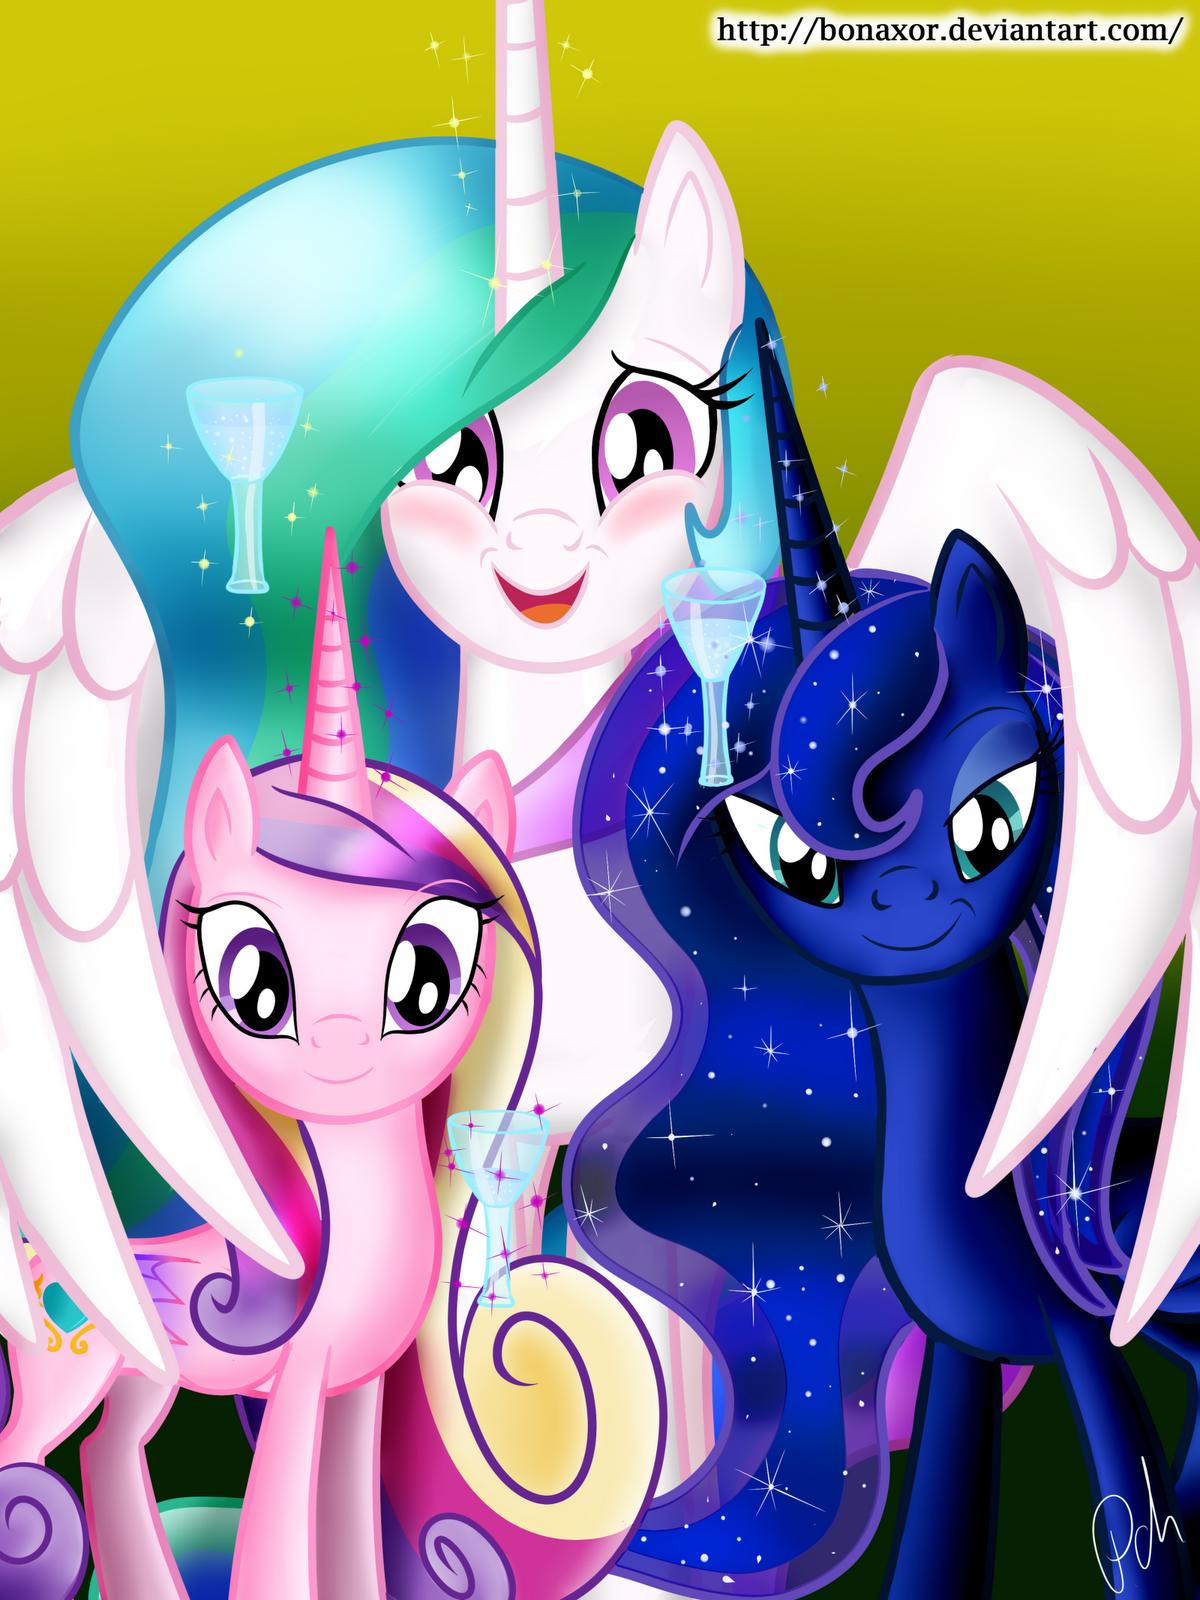 Equestria Daily - MLP Stuff!: Drawfriend Stuff #397